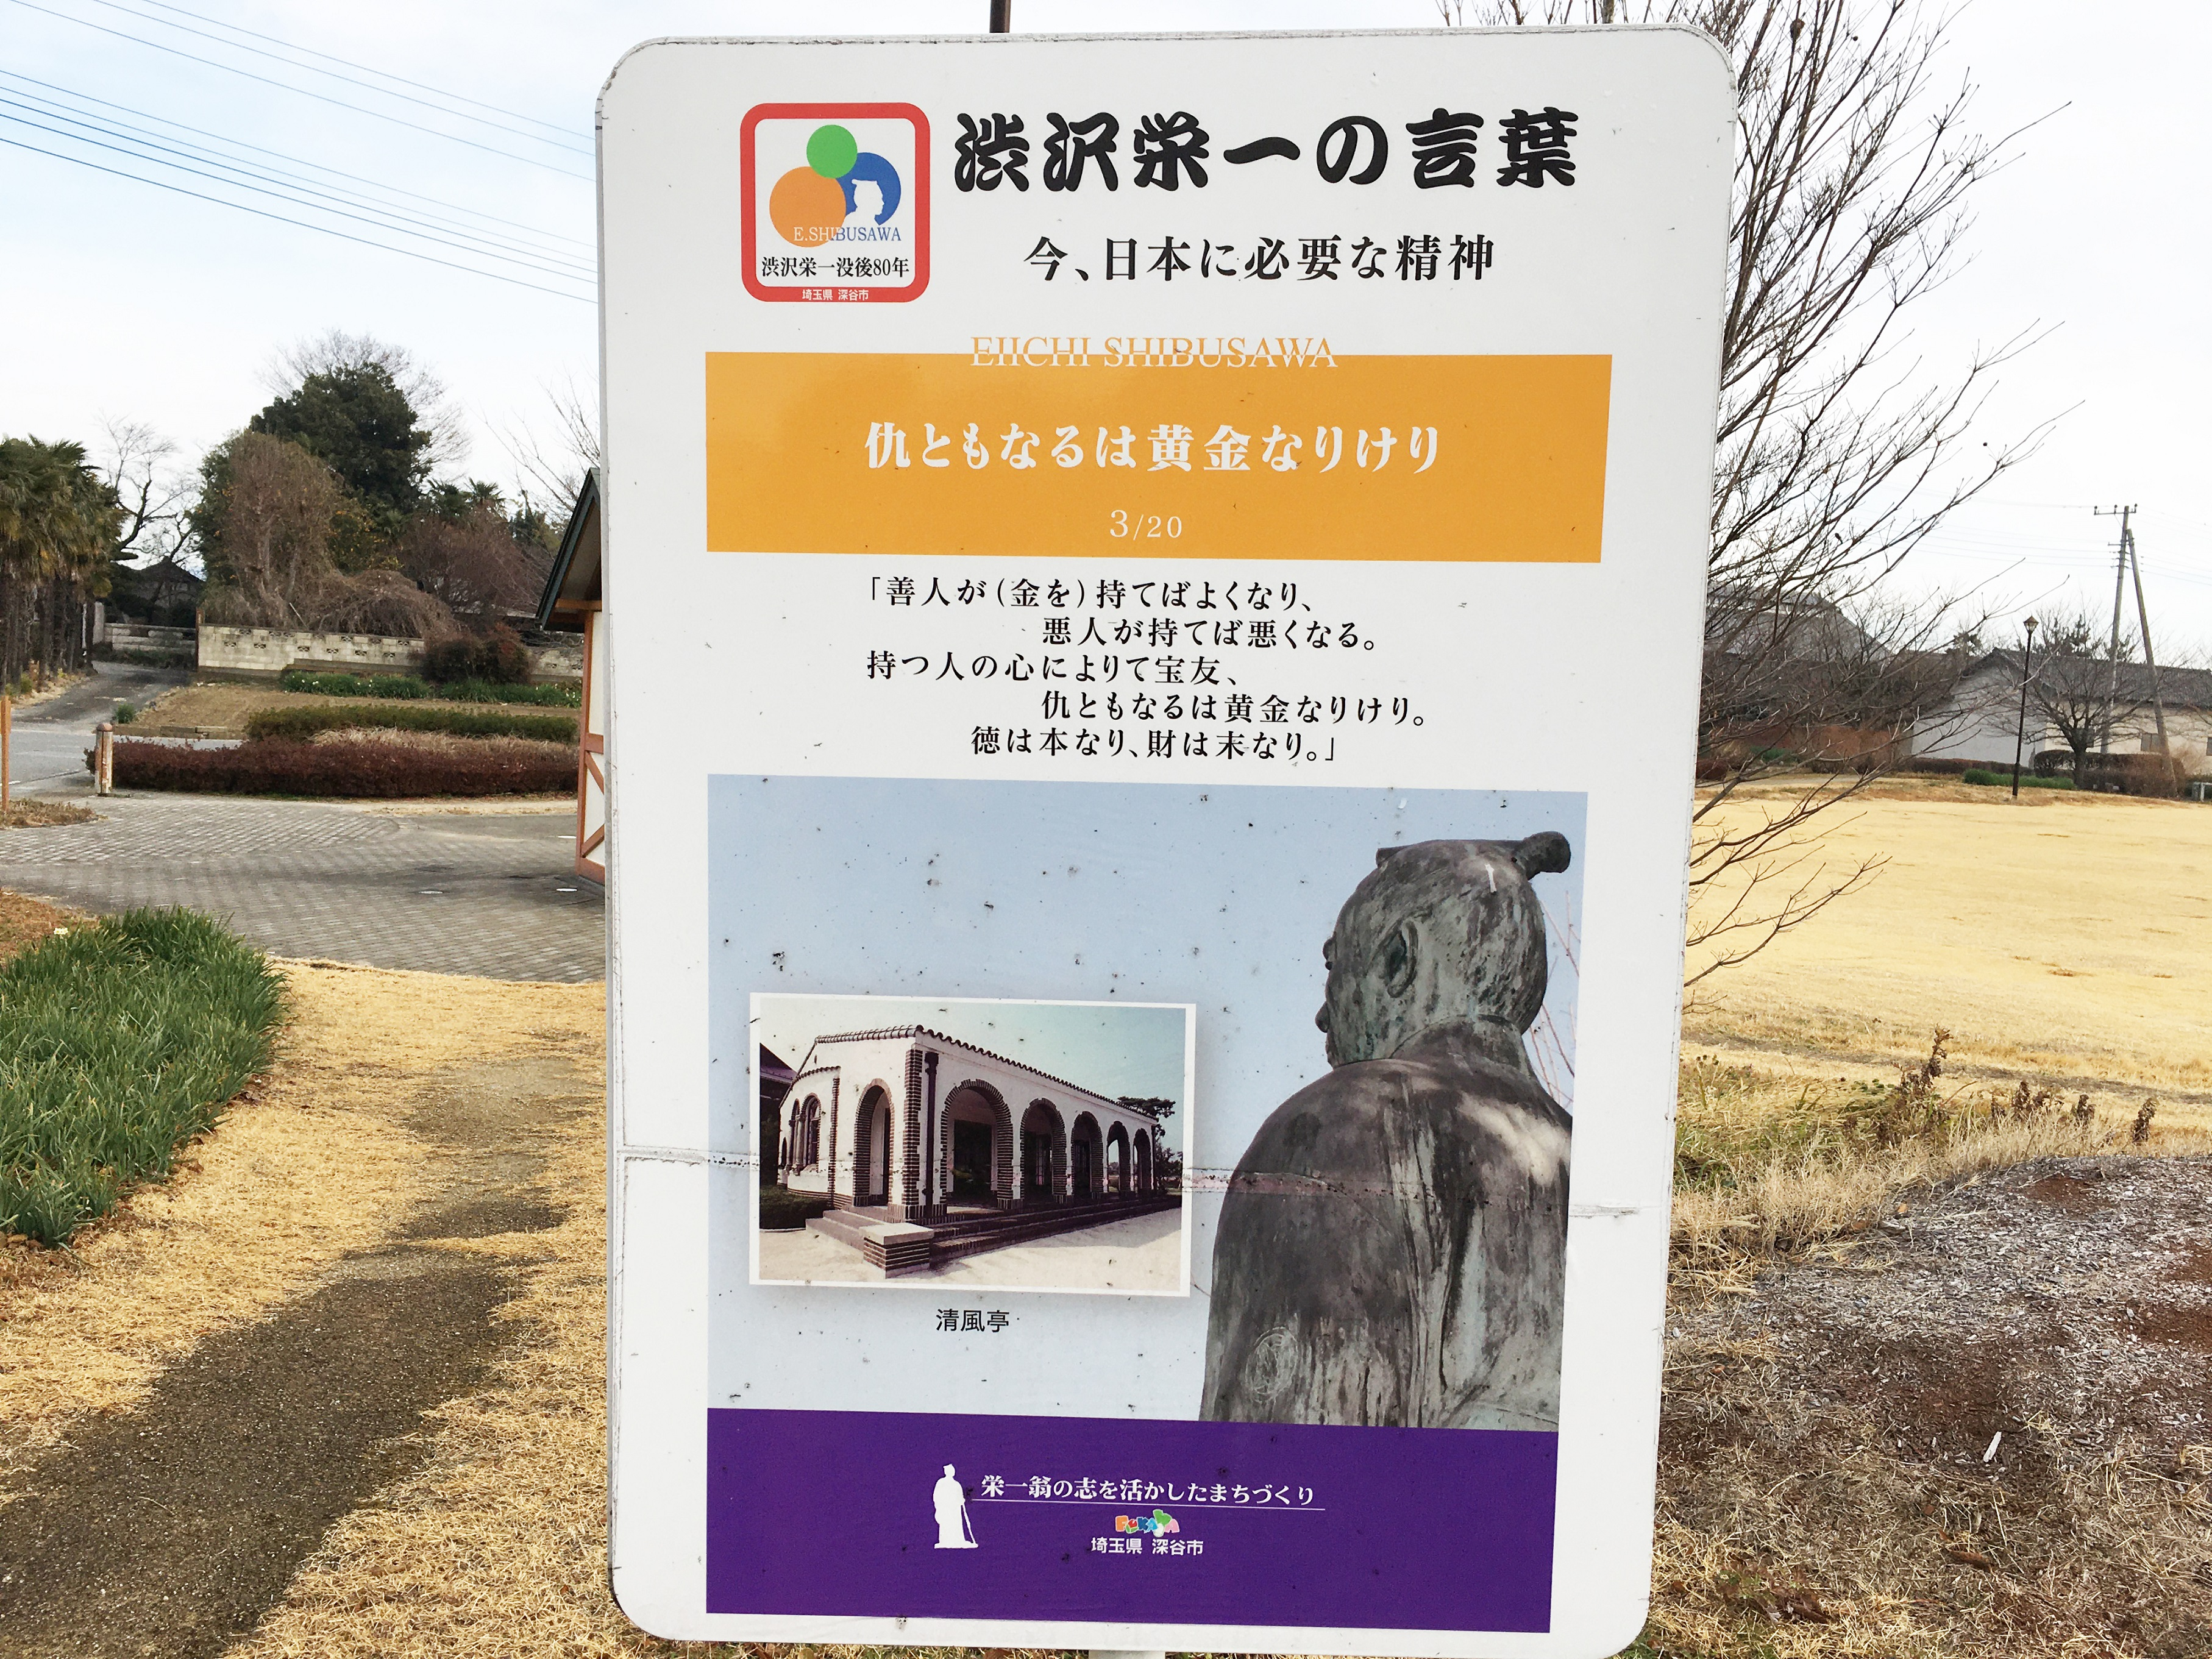 渋沢栄一の言葉(青淵公園)3/20『仇ともなるは黄金なりけり』